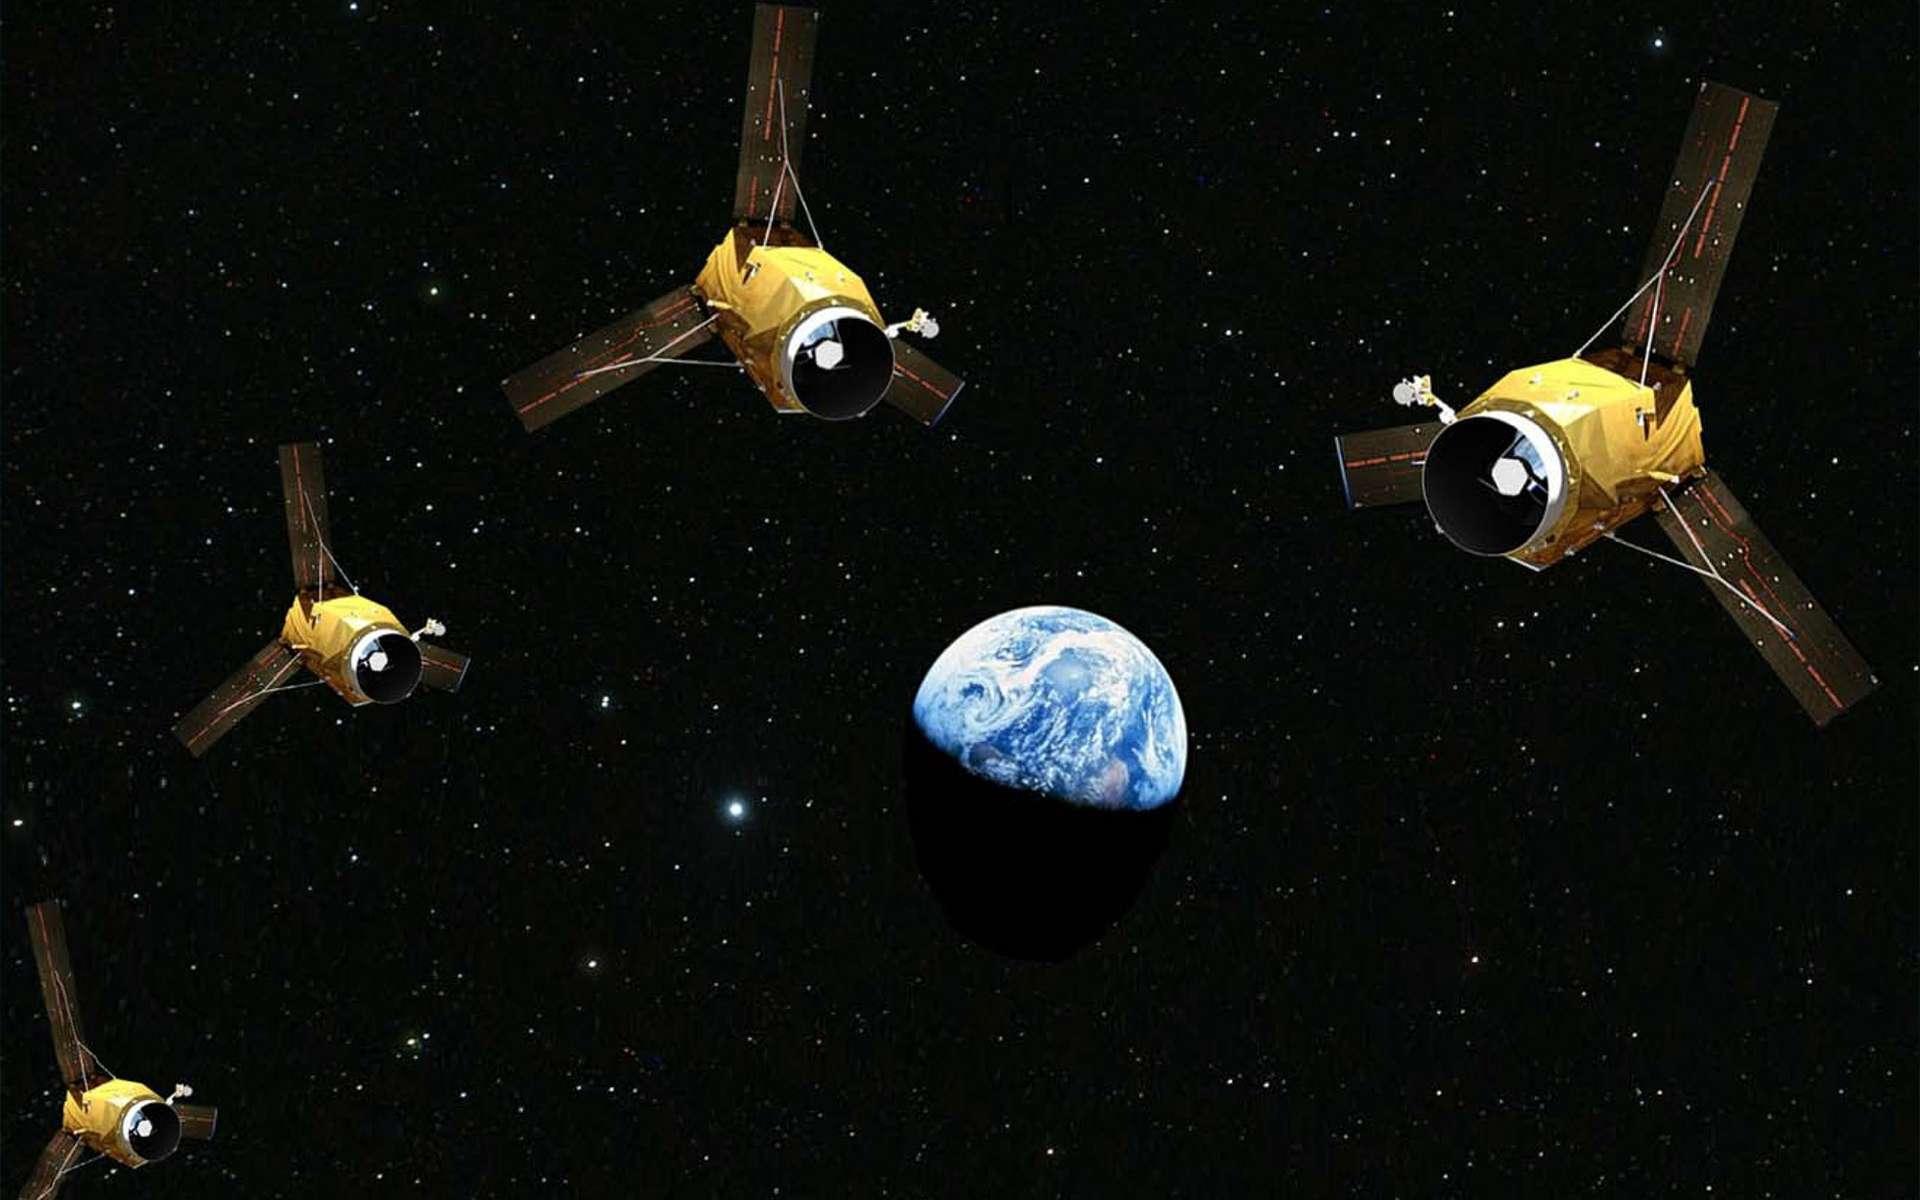 Avec cette constellation de quatre satellites, ce sera la première fois qu'une entreprise privée (Airbus) dispose d'une telle capacité d'observation de la Terre depuis l'orbite basse. © Gédeon